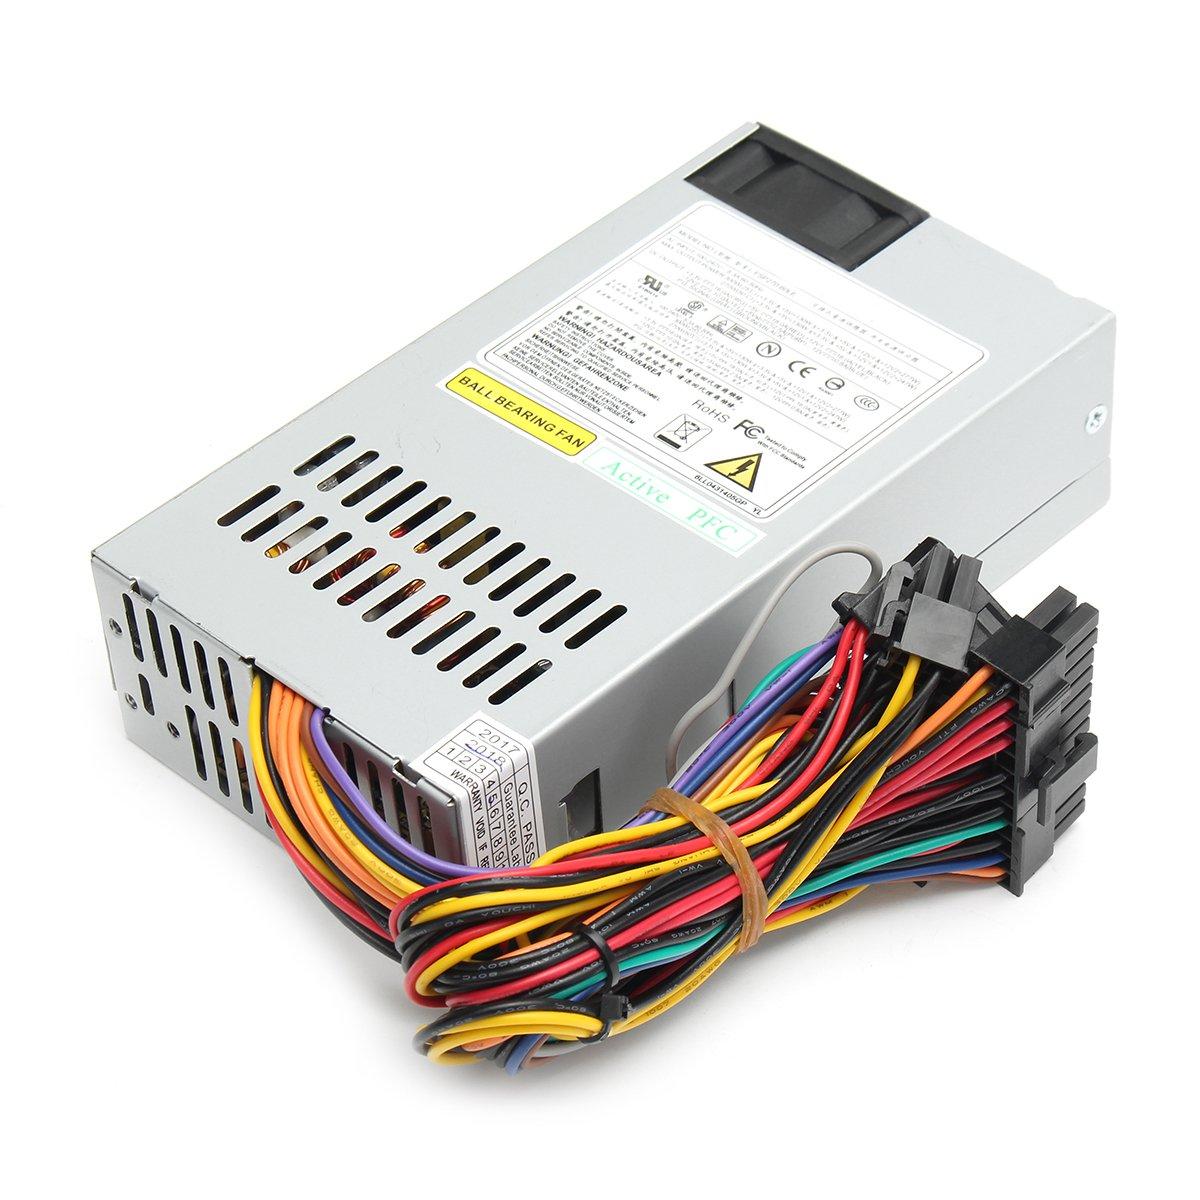 Original FSP270 270W Mini ITX Computer case flex for HTPC Small 1U NAS Power supply 100 240V AC